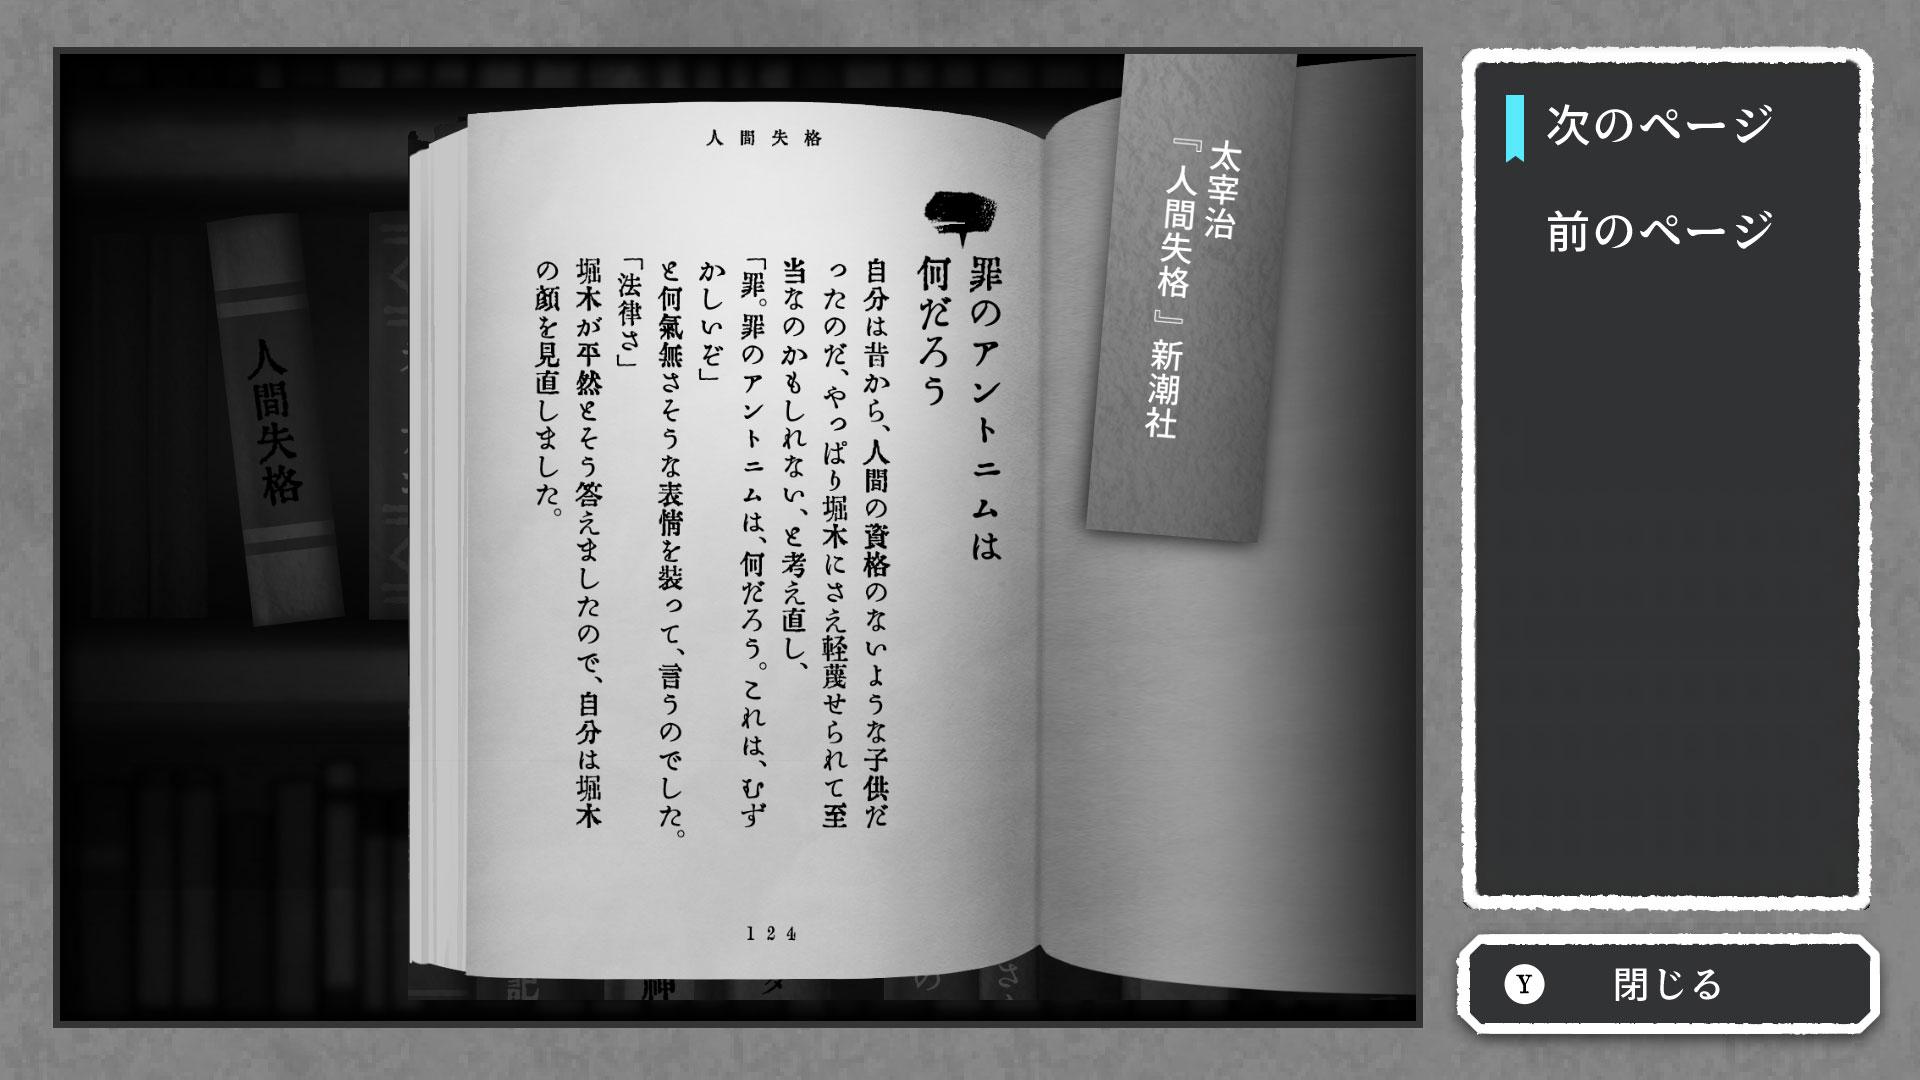 Alter-Ego-S_2019_09-02-19_004